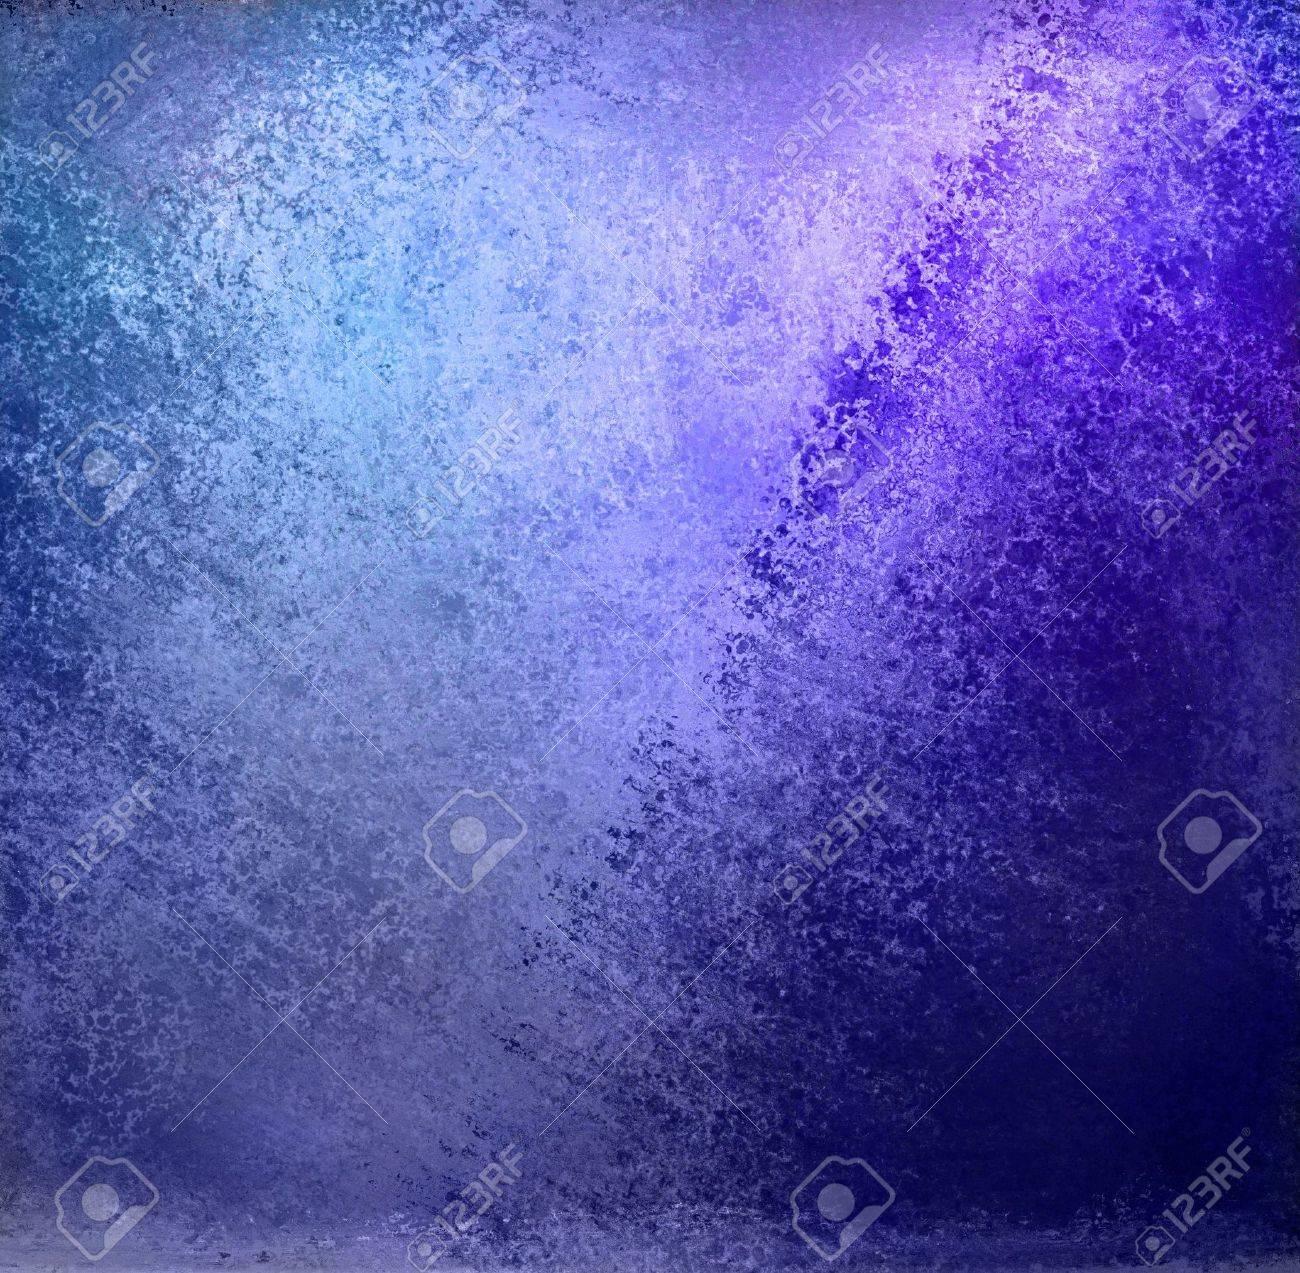 Blue background Stock Photo - 18916064